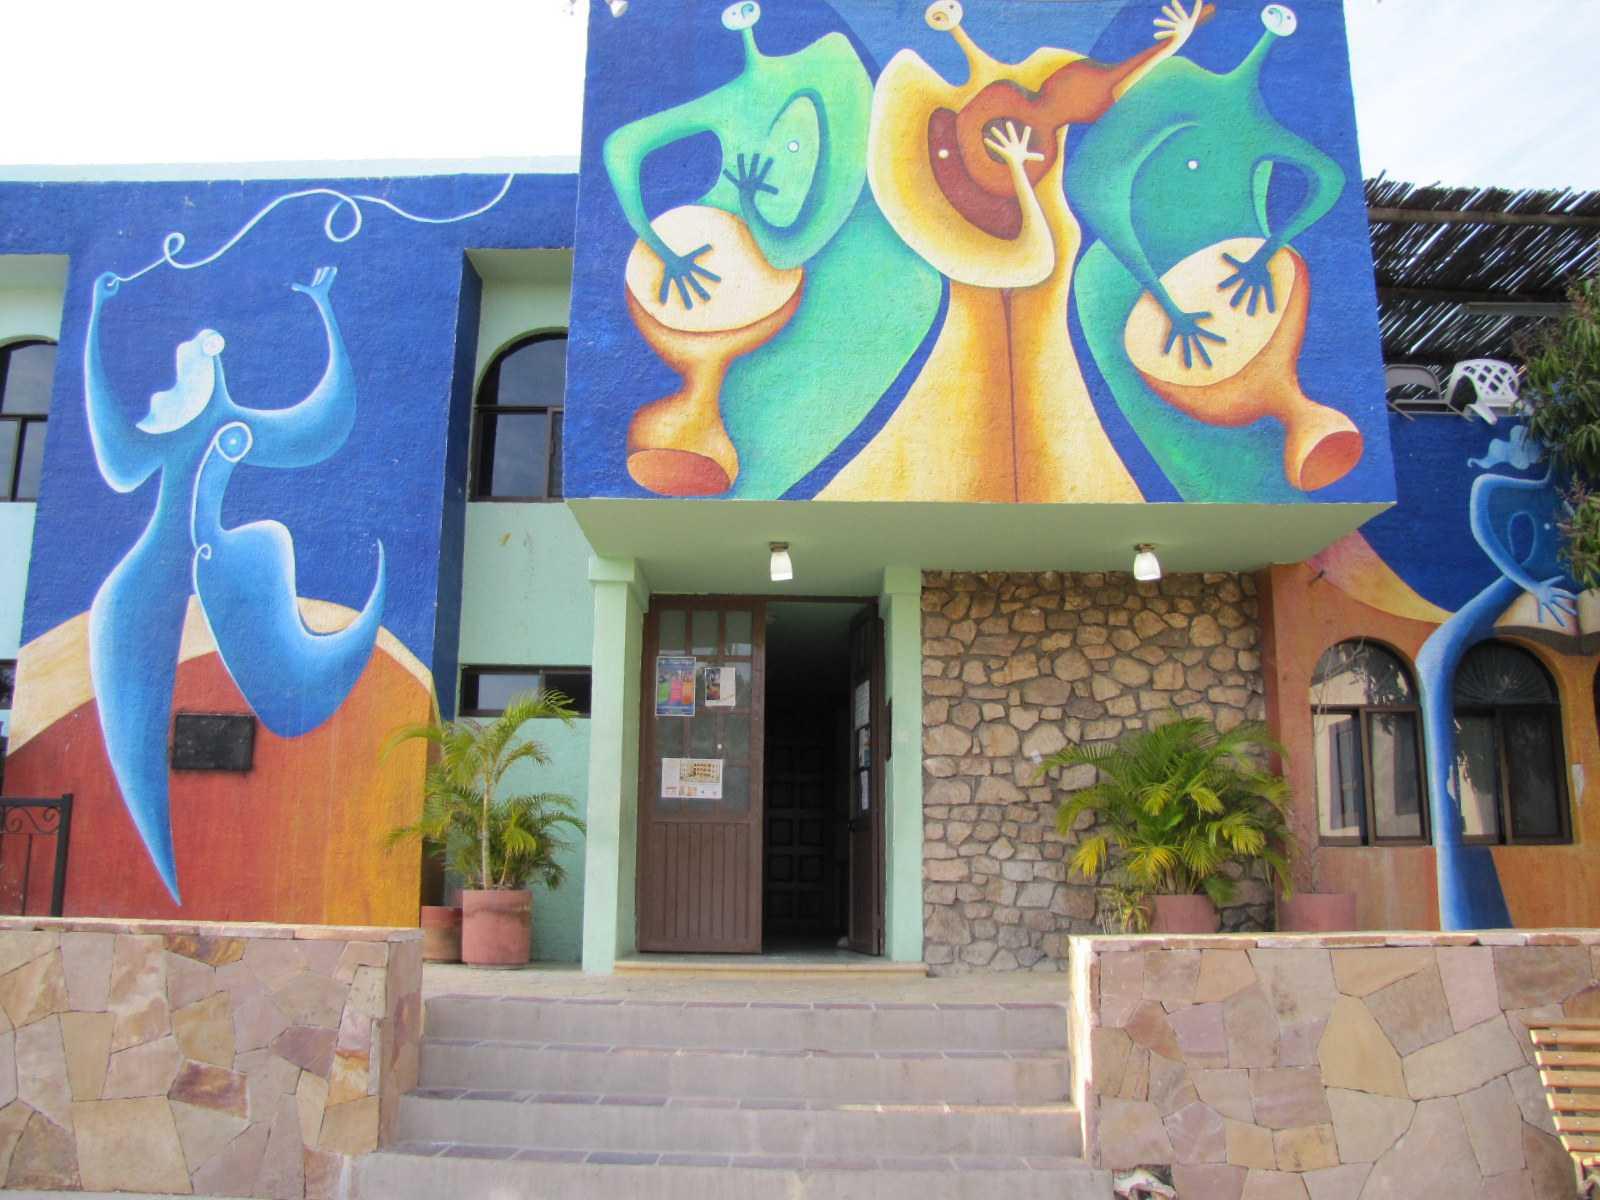 San Jose del Cabo's Casa de la Cultura